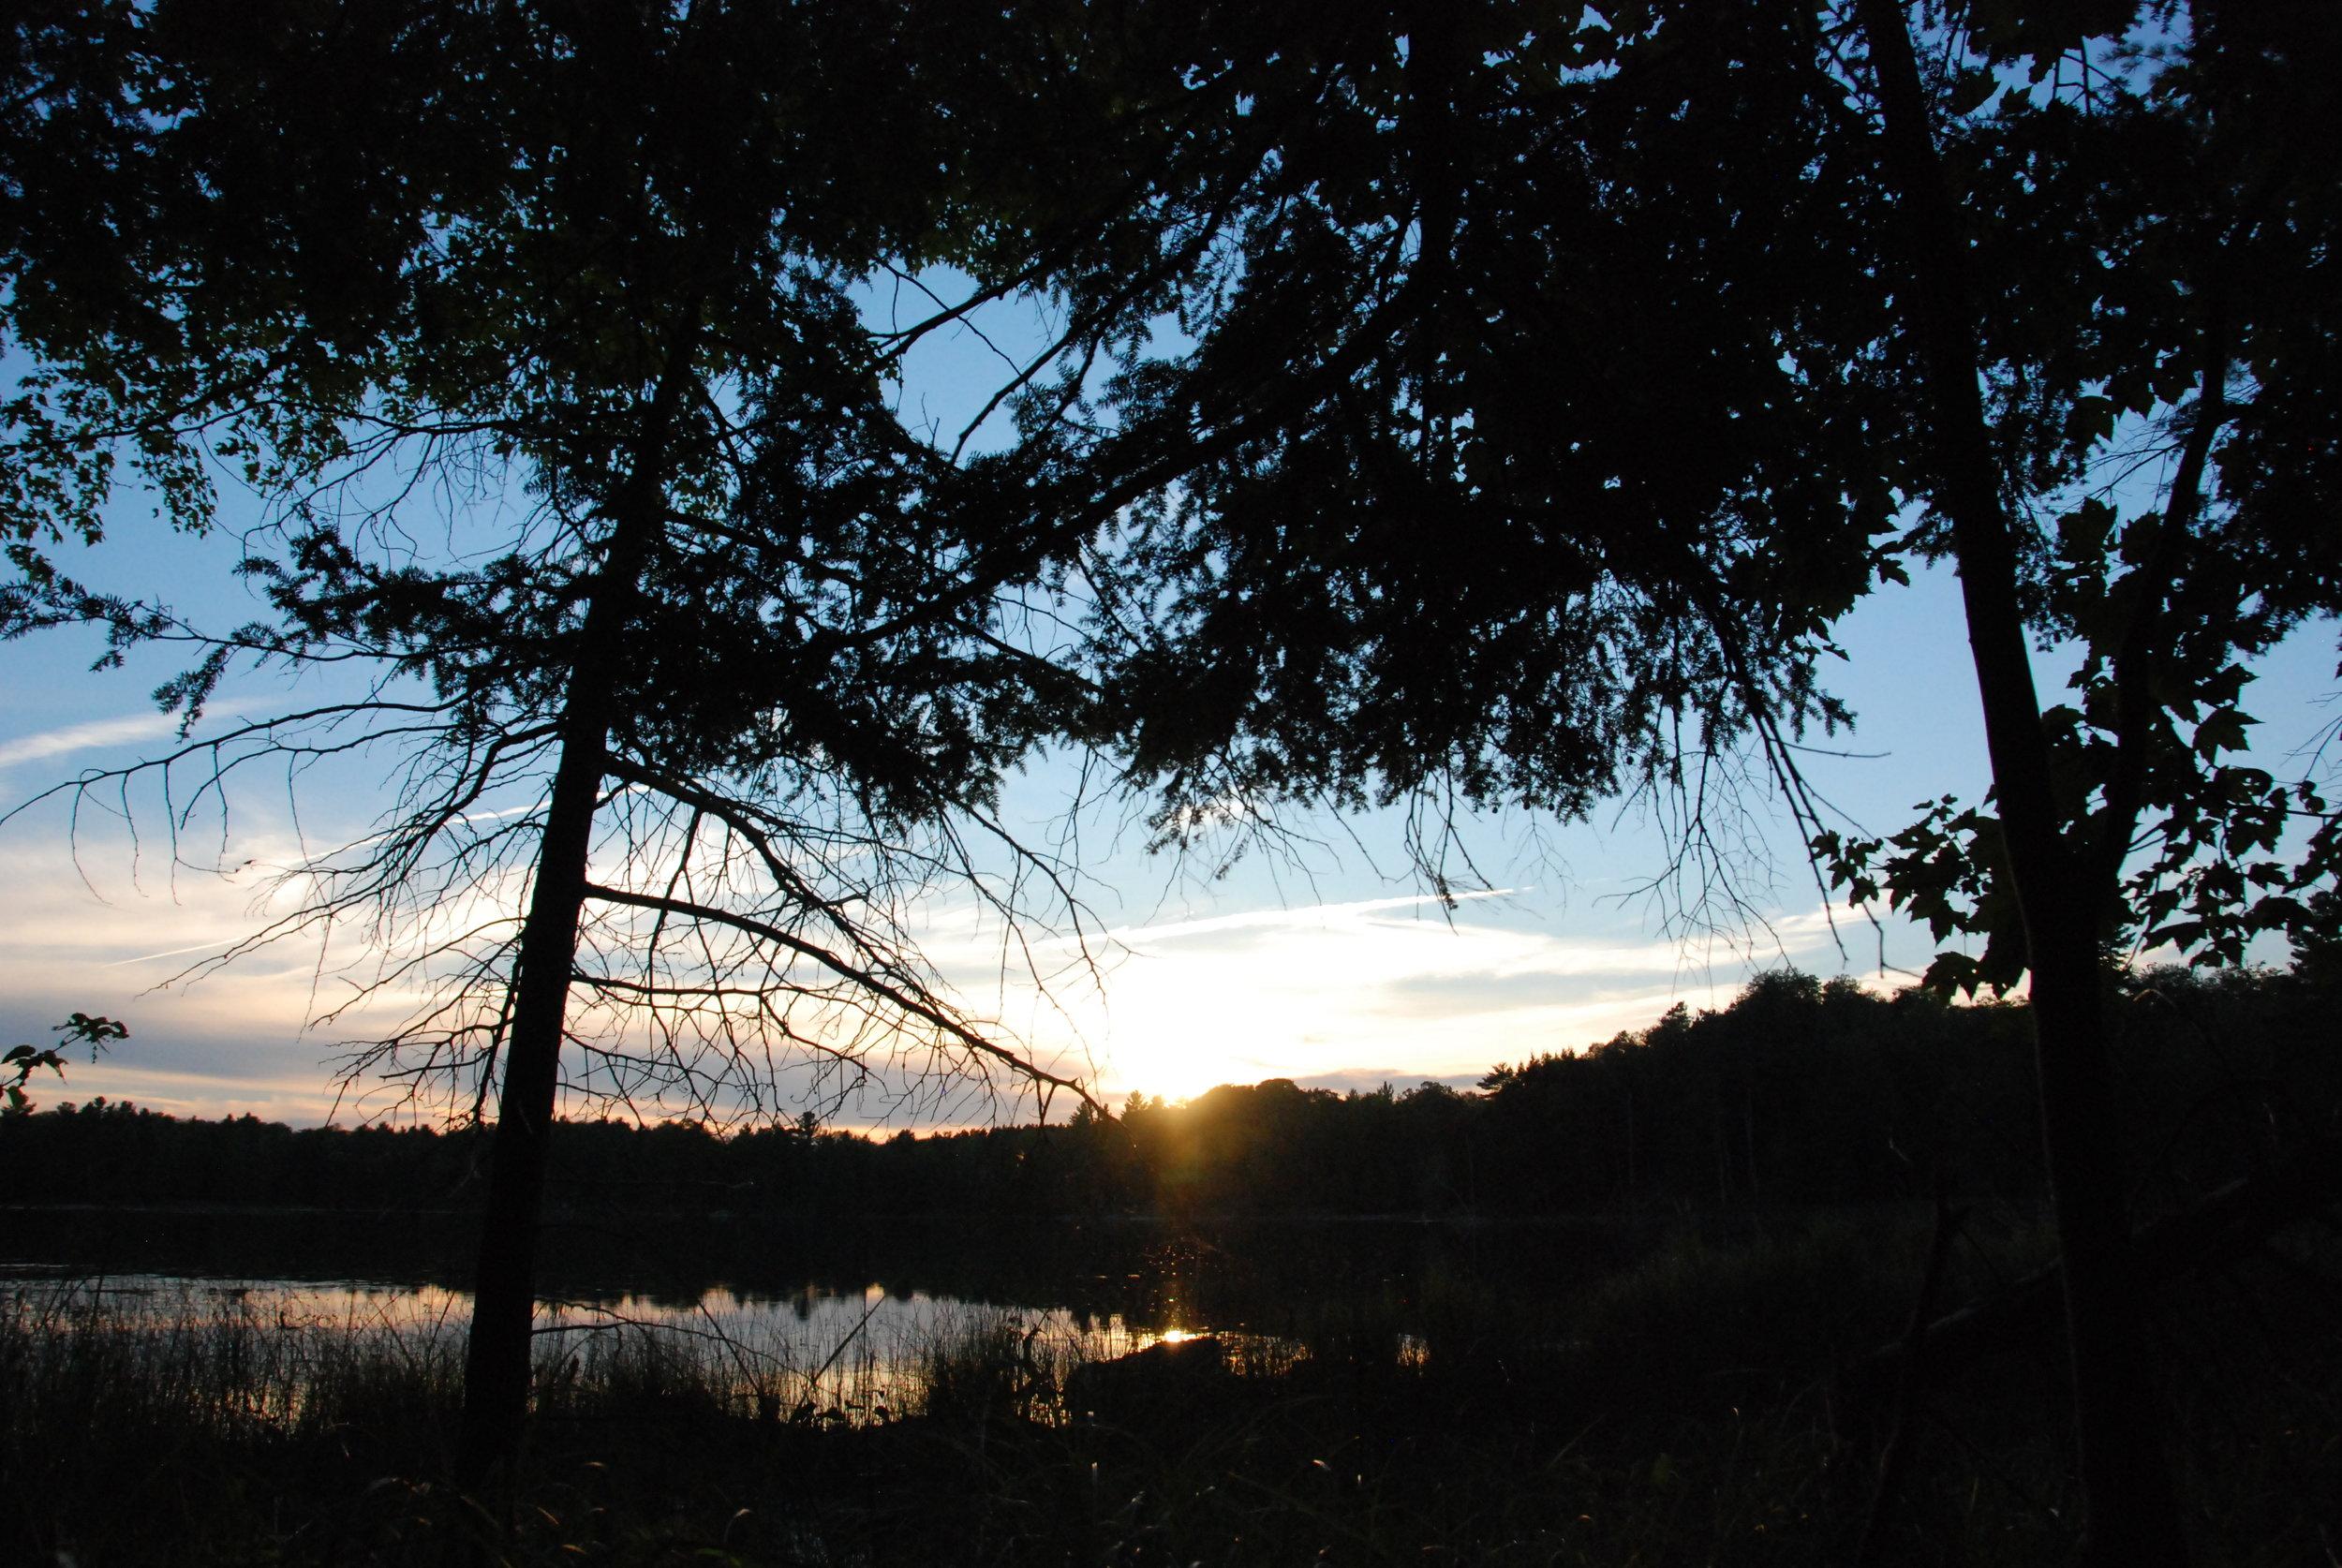 Beautiful light on the lake!